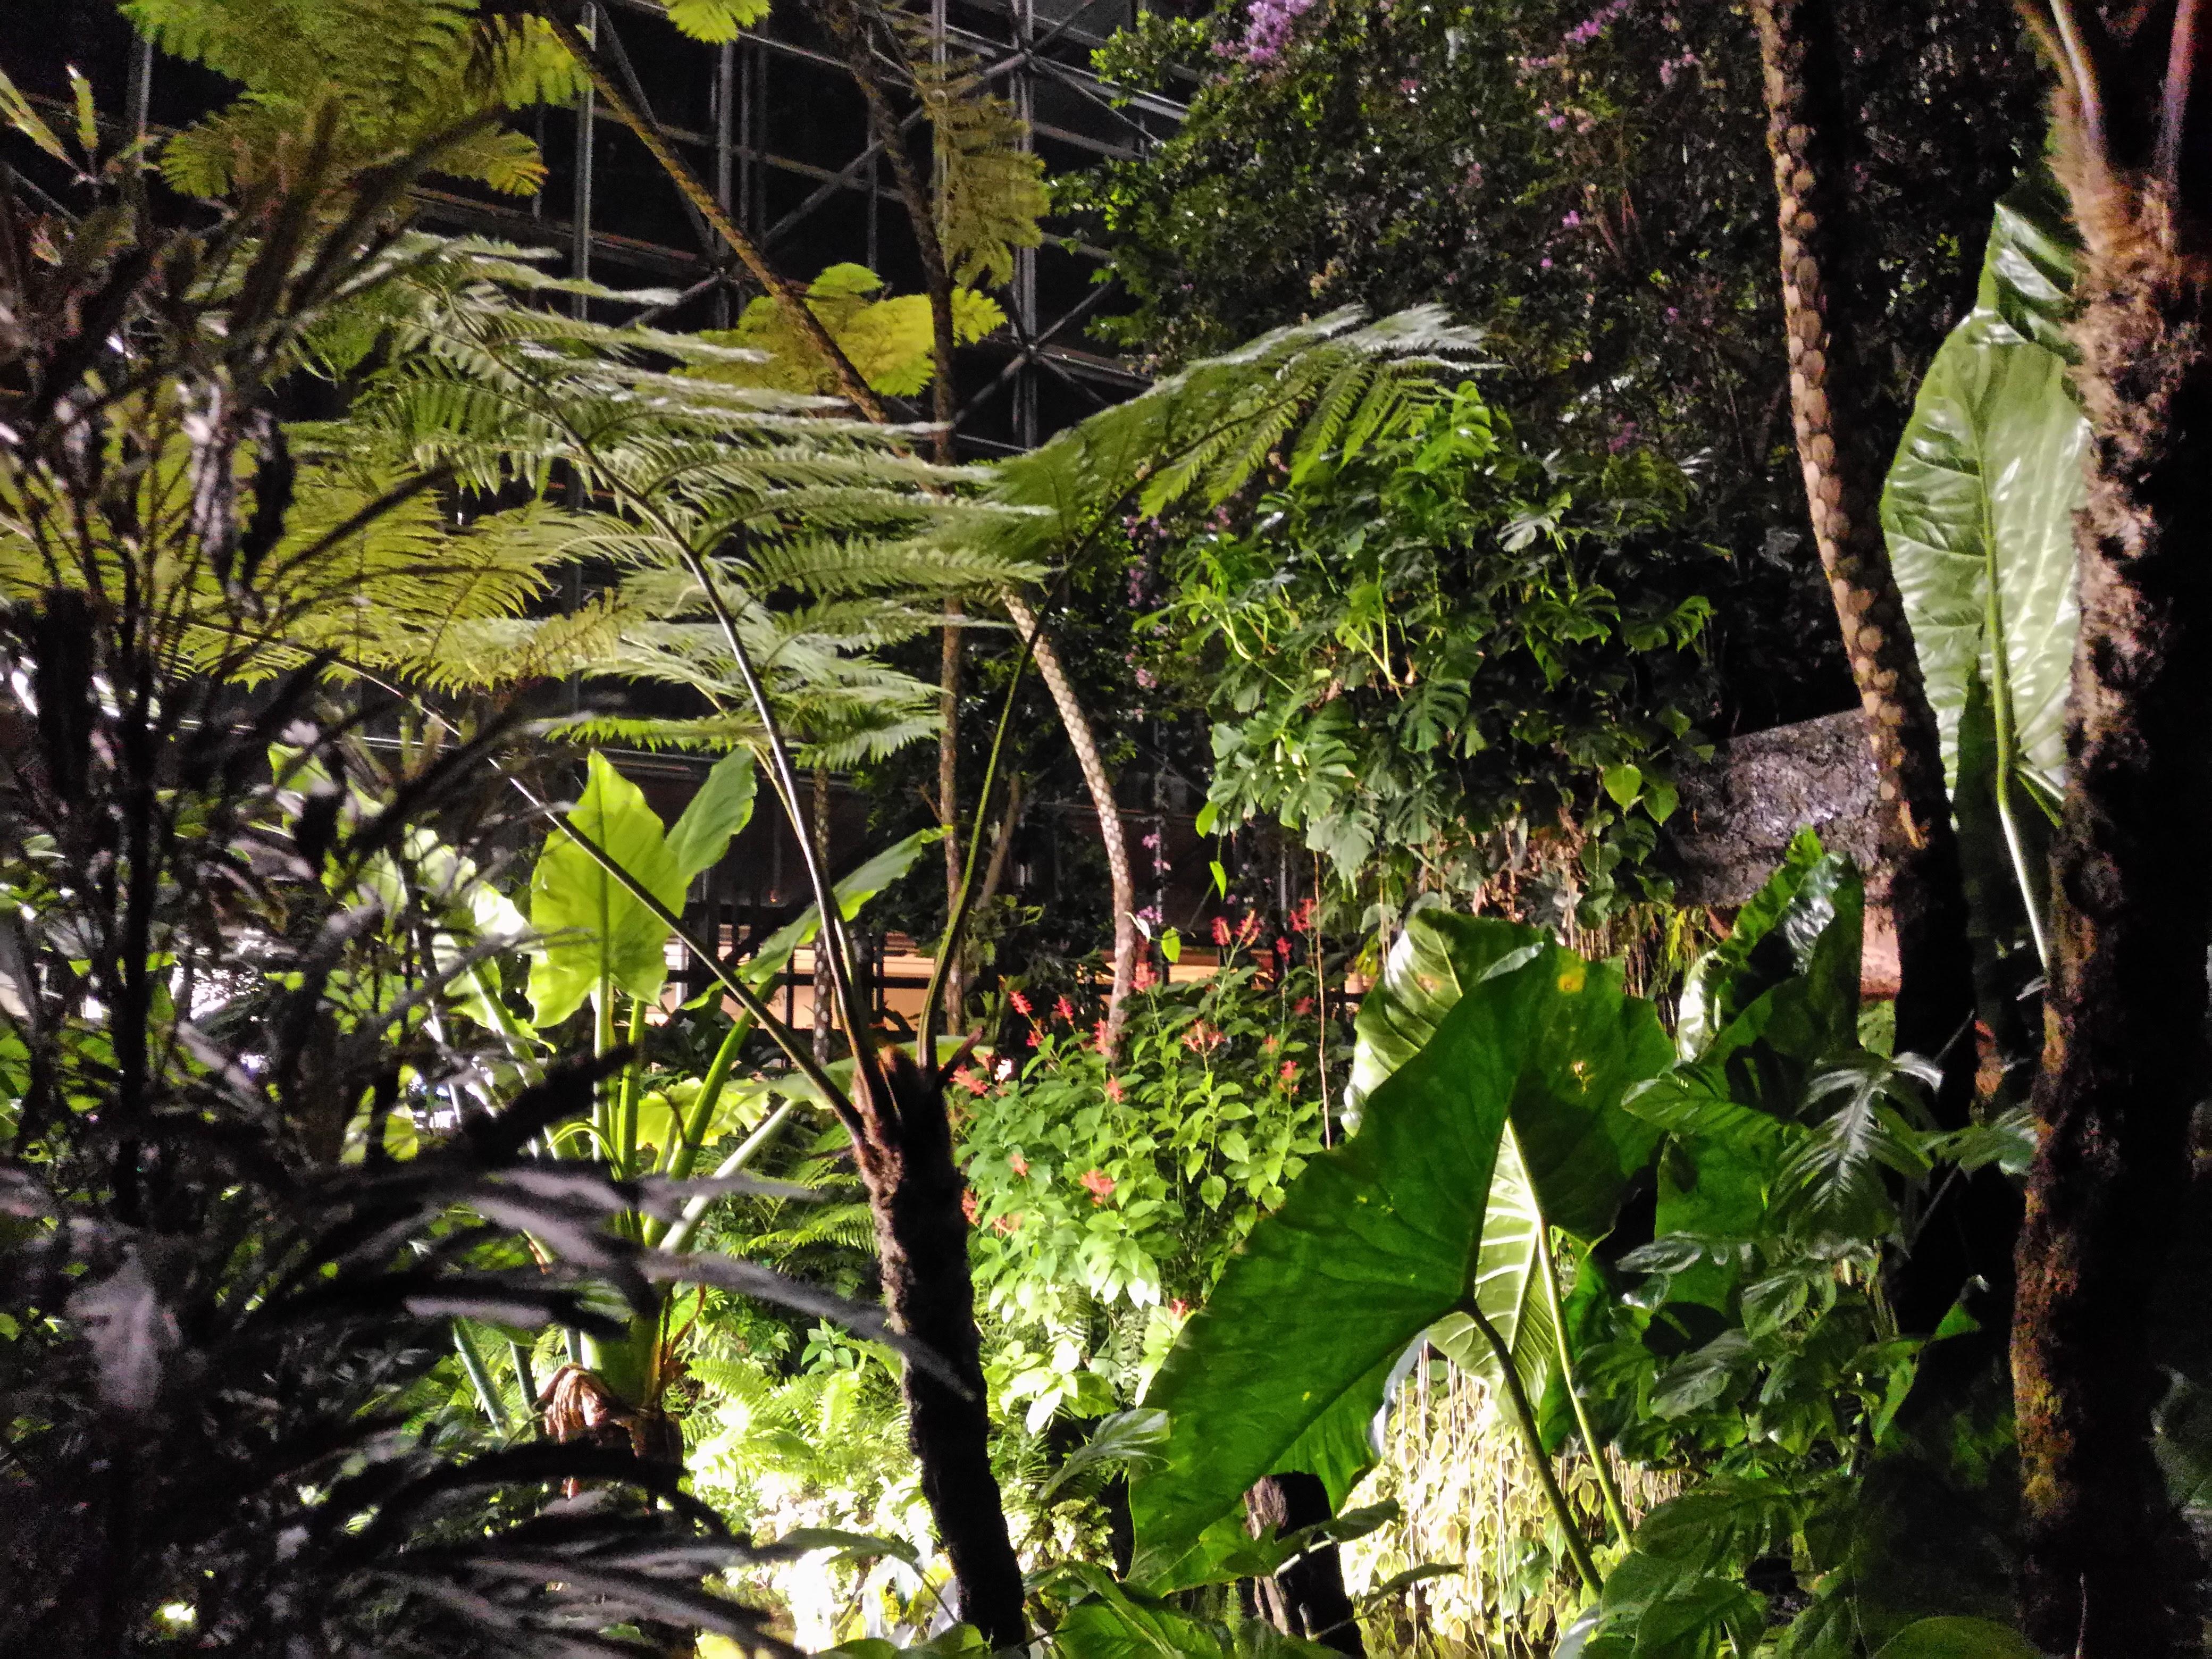 0980-201508_Yumenoshima Tropical Greenhouse Dome 09